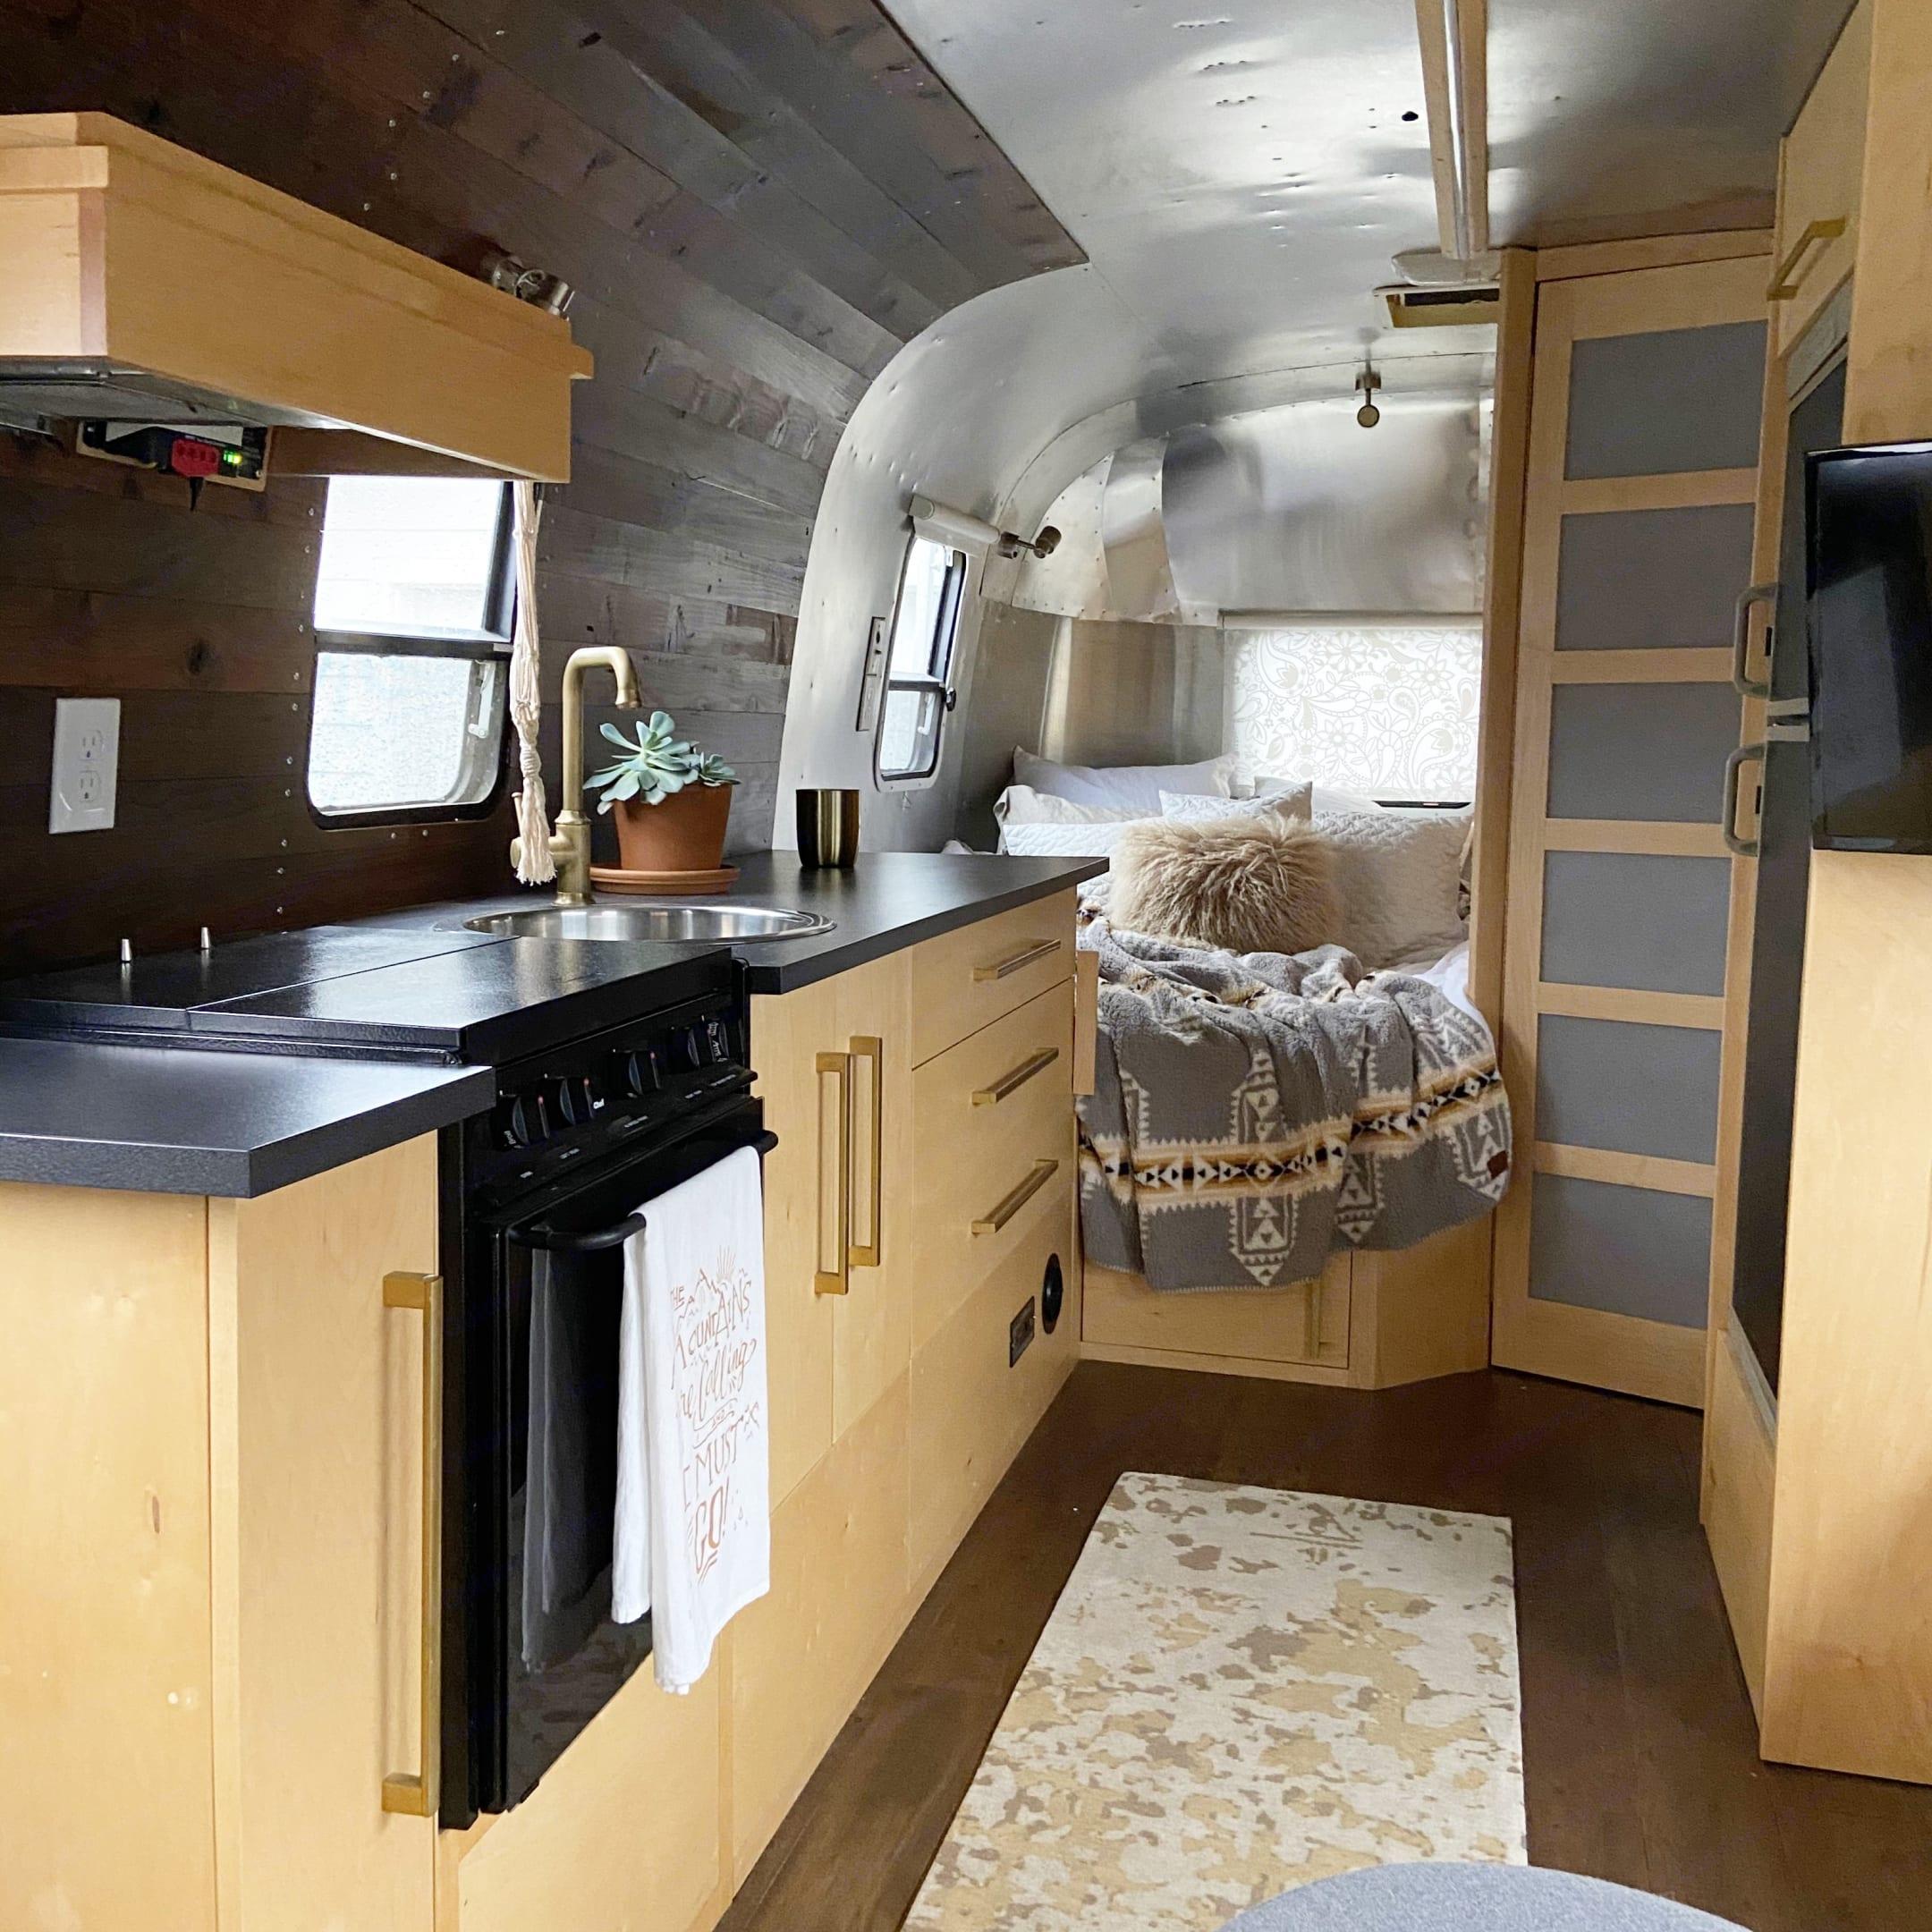 Airstream Safari 2002